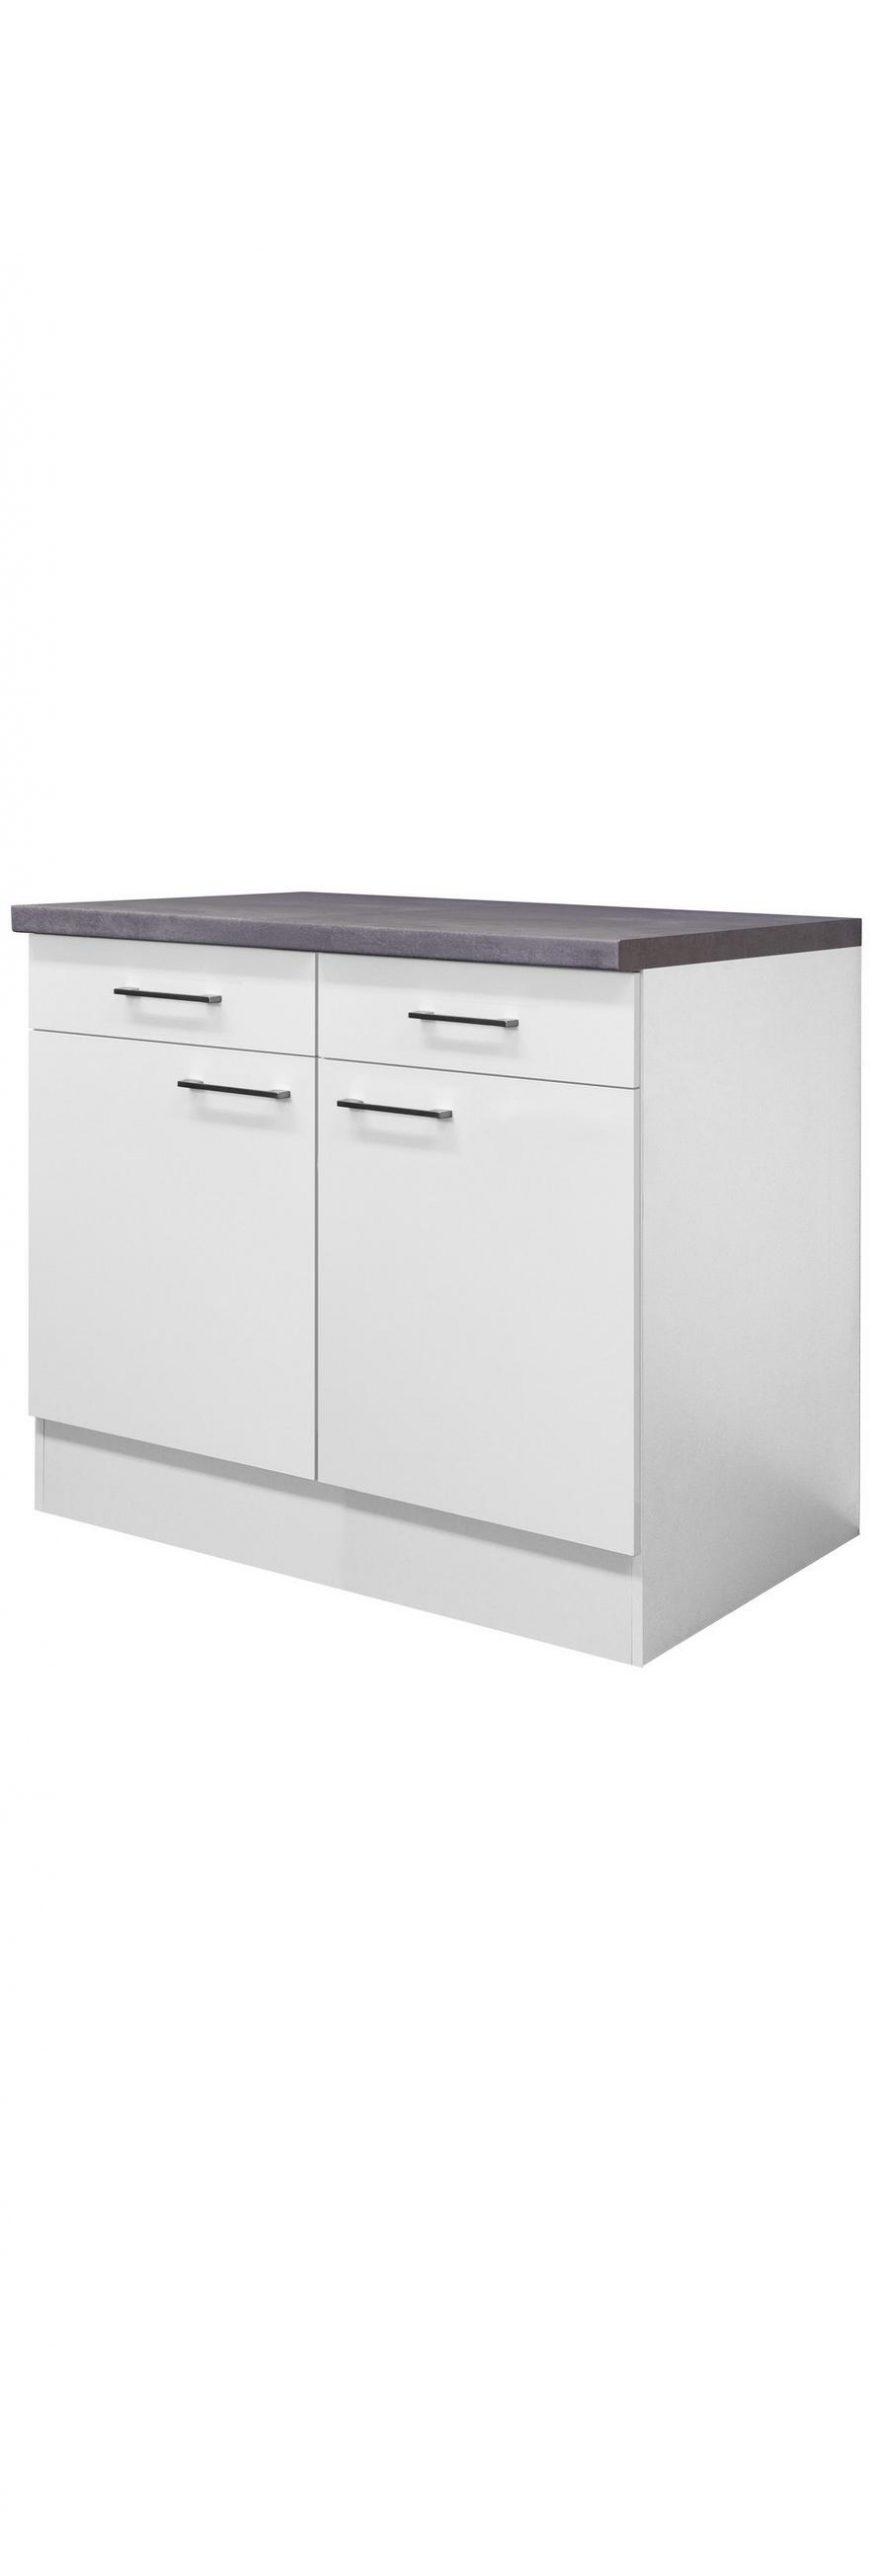 Full Size of Küchenunterschrank Kchenunterschrank Wei Online Kaufen Mmax Wohnzimmer Küchenunterschrank